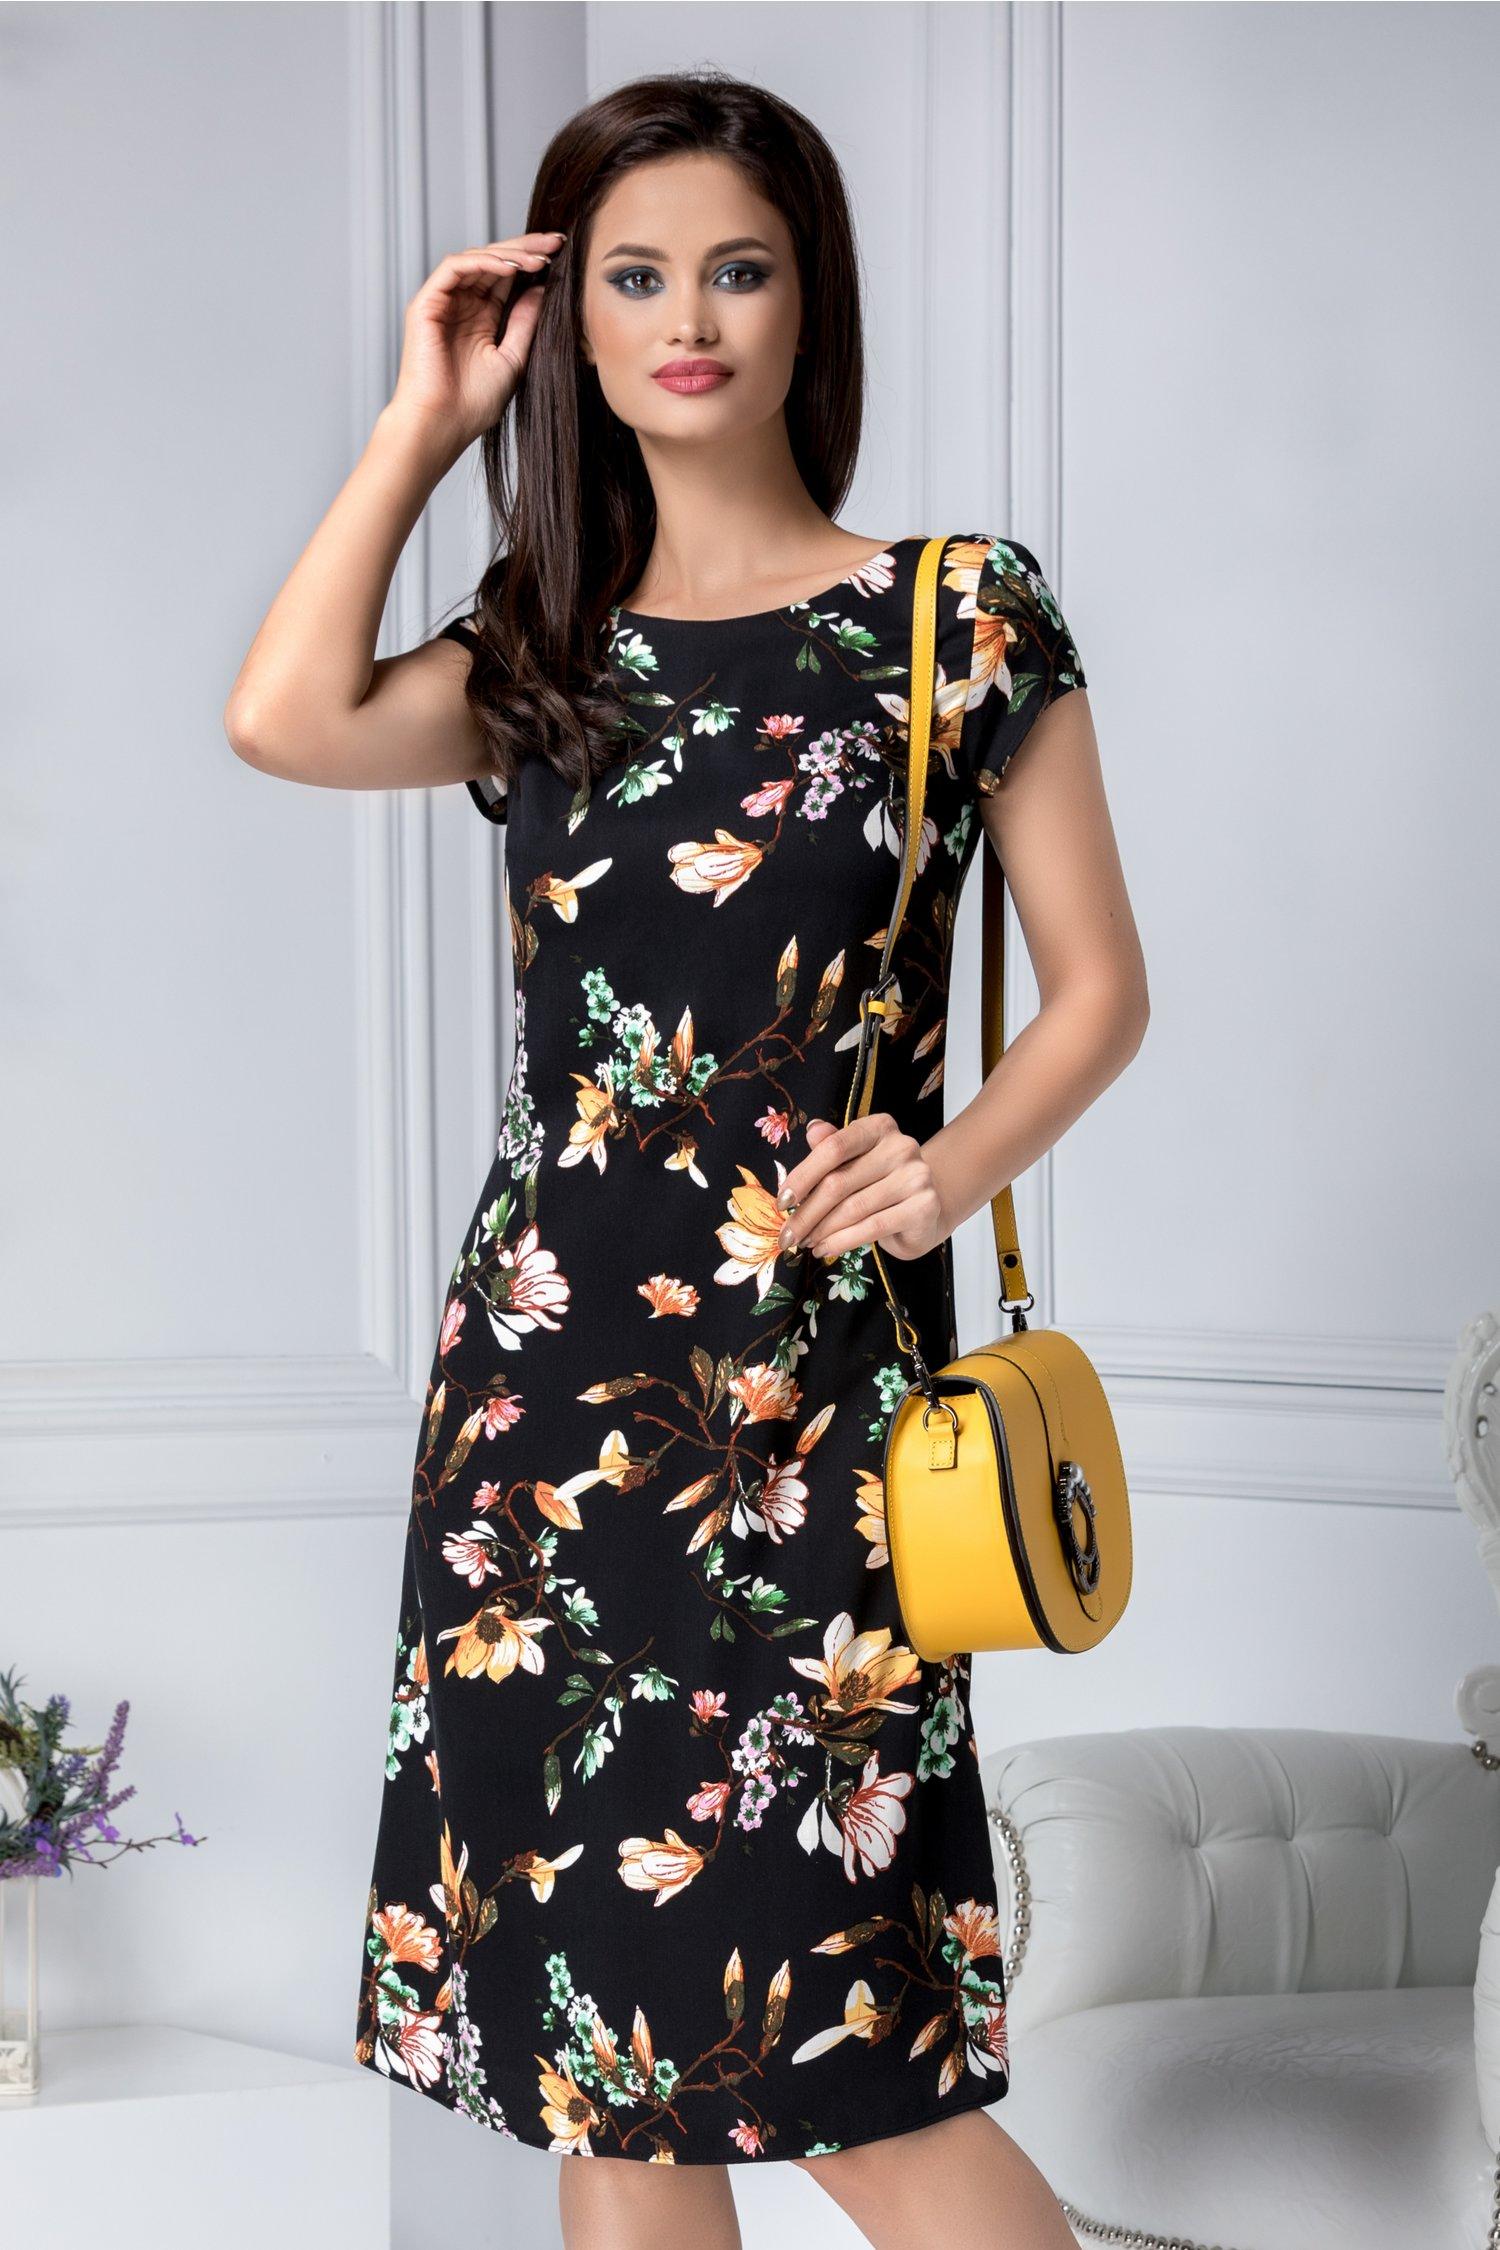 Rochie Eloise neagra cu imprimeu floral